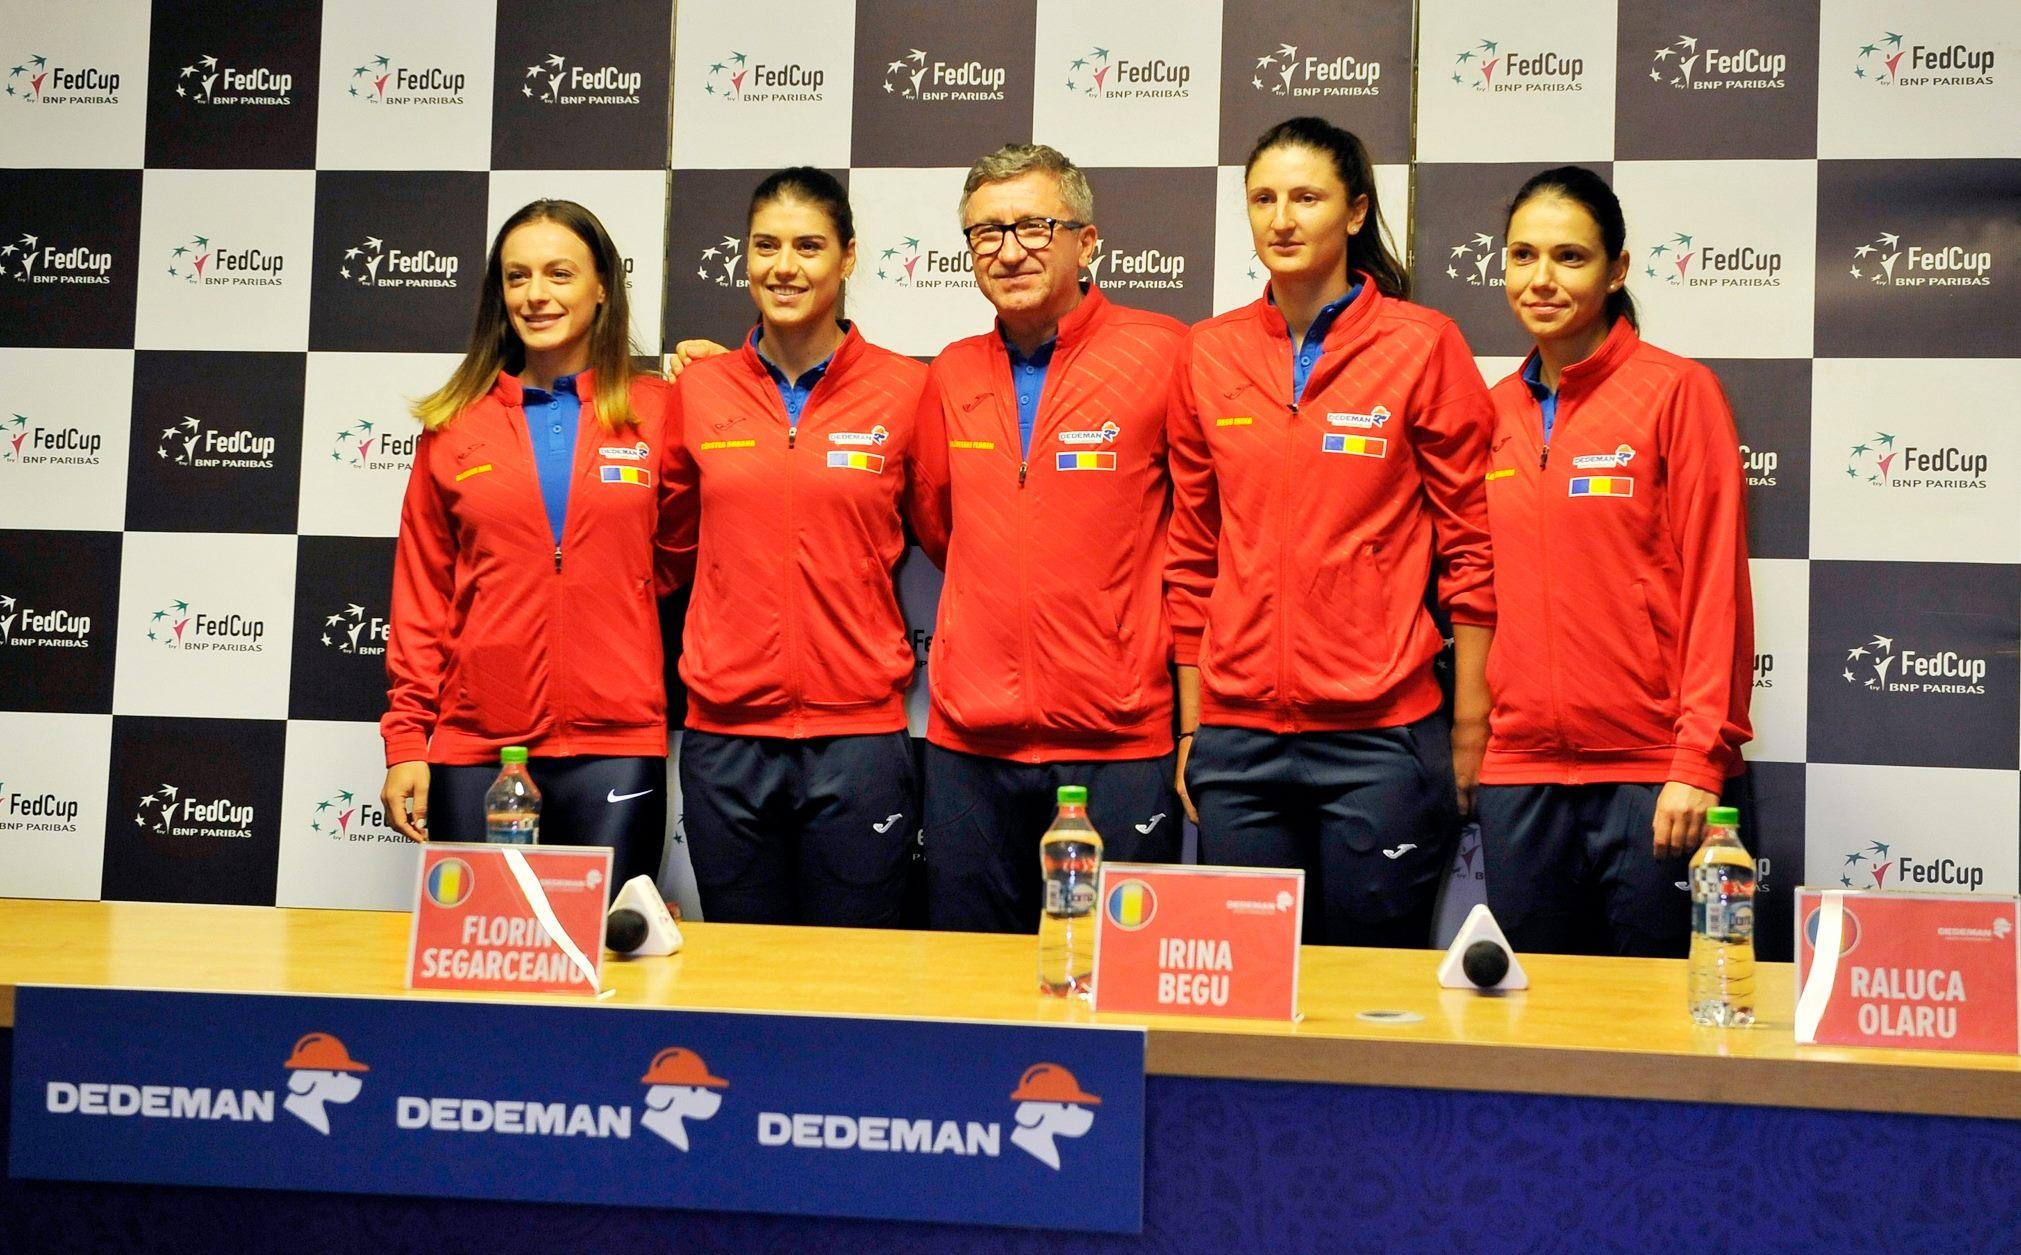 Programul meciurilor de Fed Cup dintre România și Canada! Sorana Cîrstea deschide confruntarea!